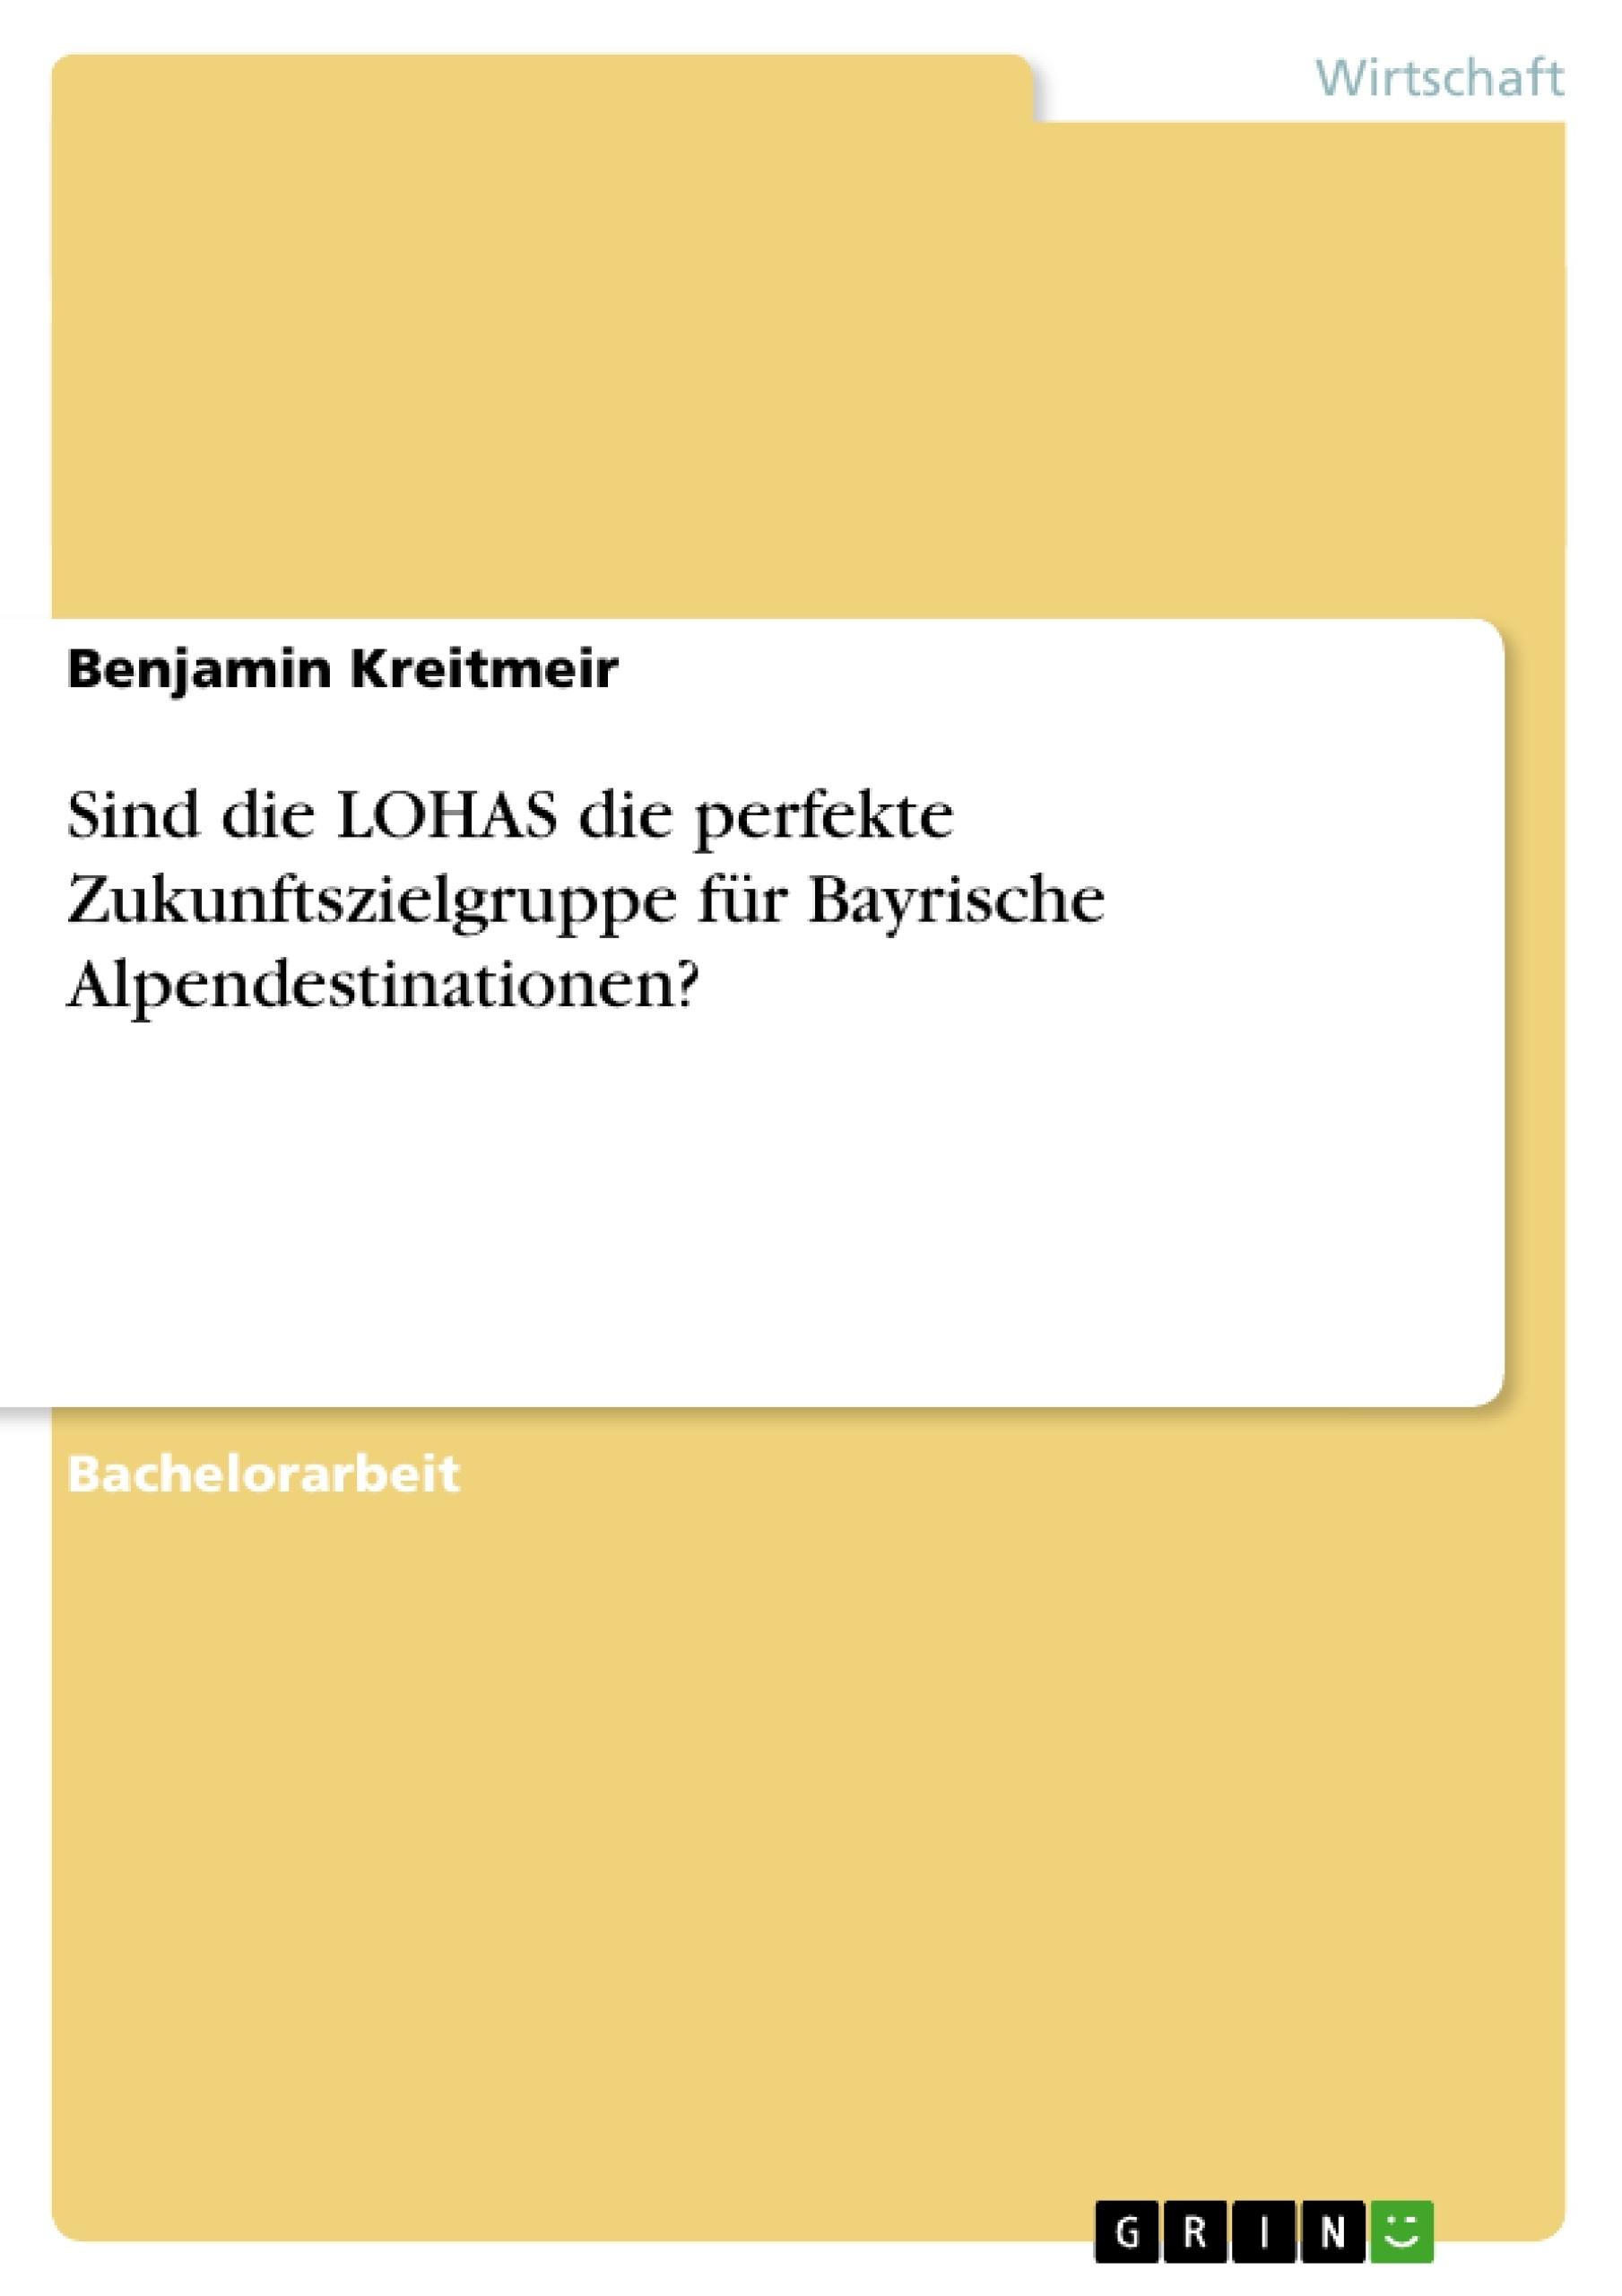 Titel: Sind die LOHAS die perfekte Zukunftszielgruppe für Bayrische Alpendestinationen?